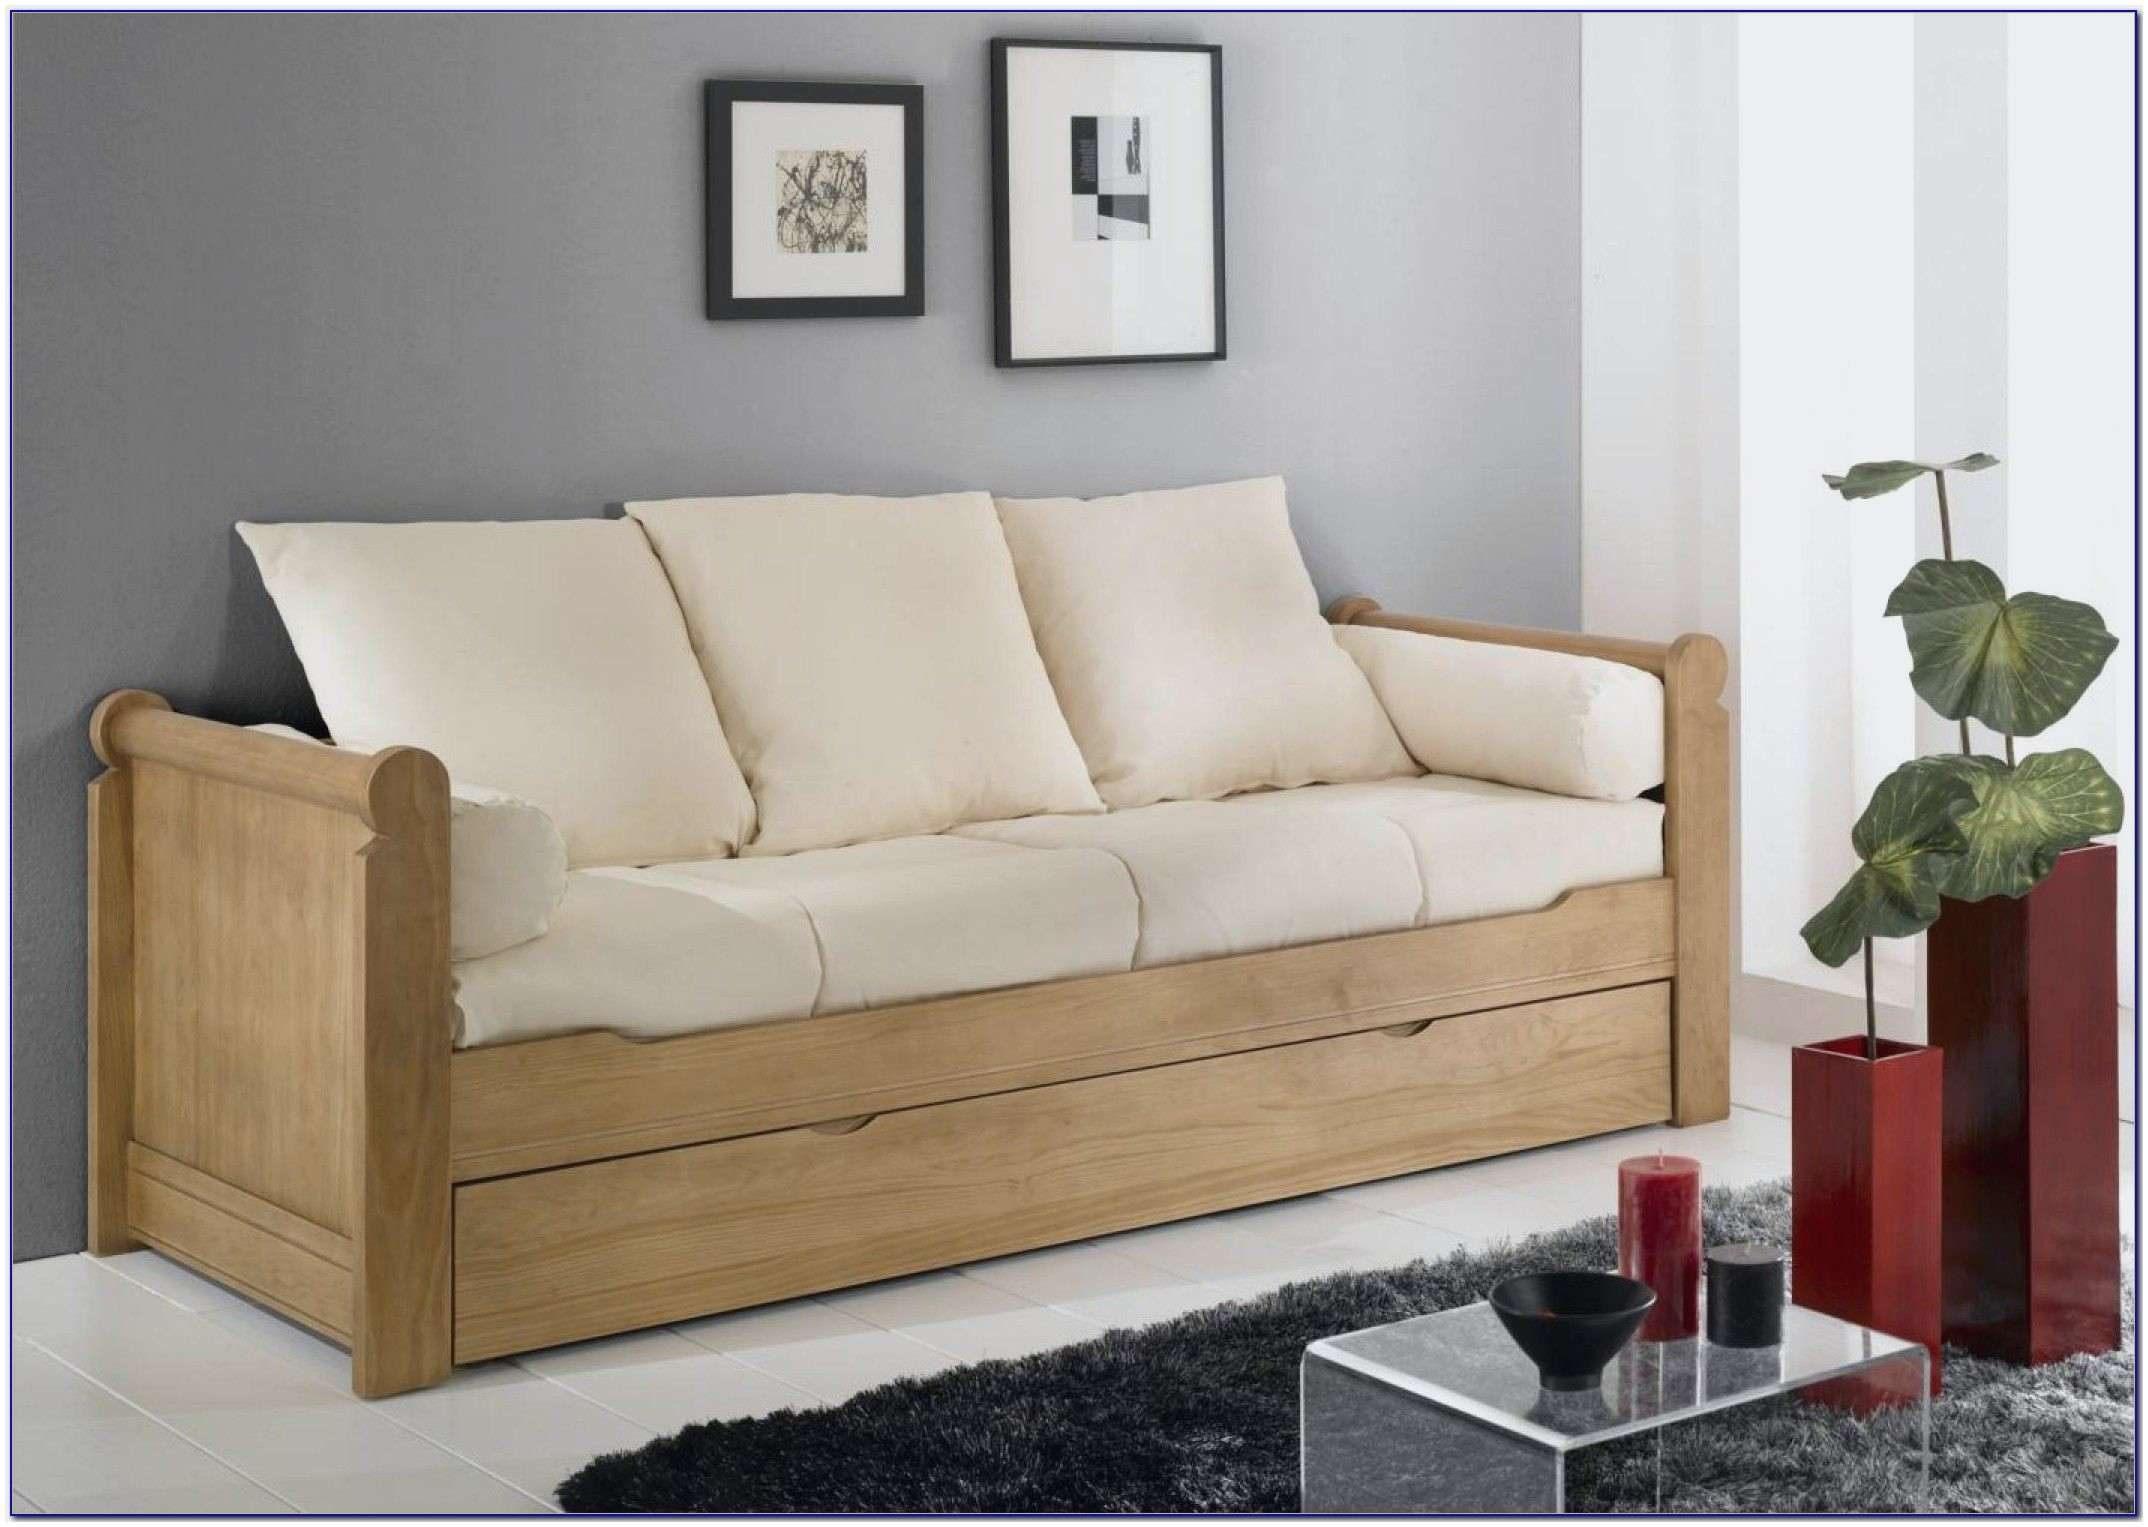 Lit Superposé 3 Places Ikea Magnifique Nouveau Luxury Canapé Lit Matelas Pour Option Canapé Convertible 2